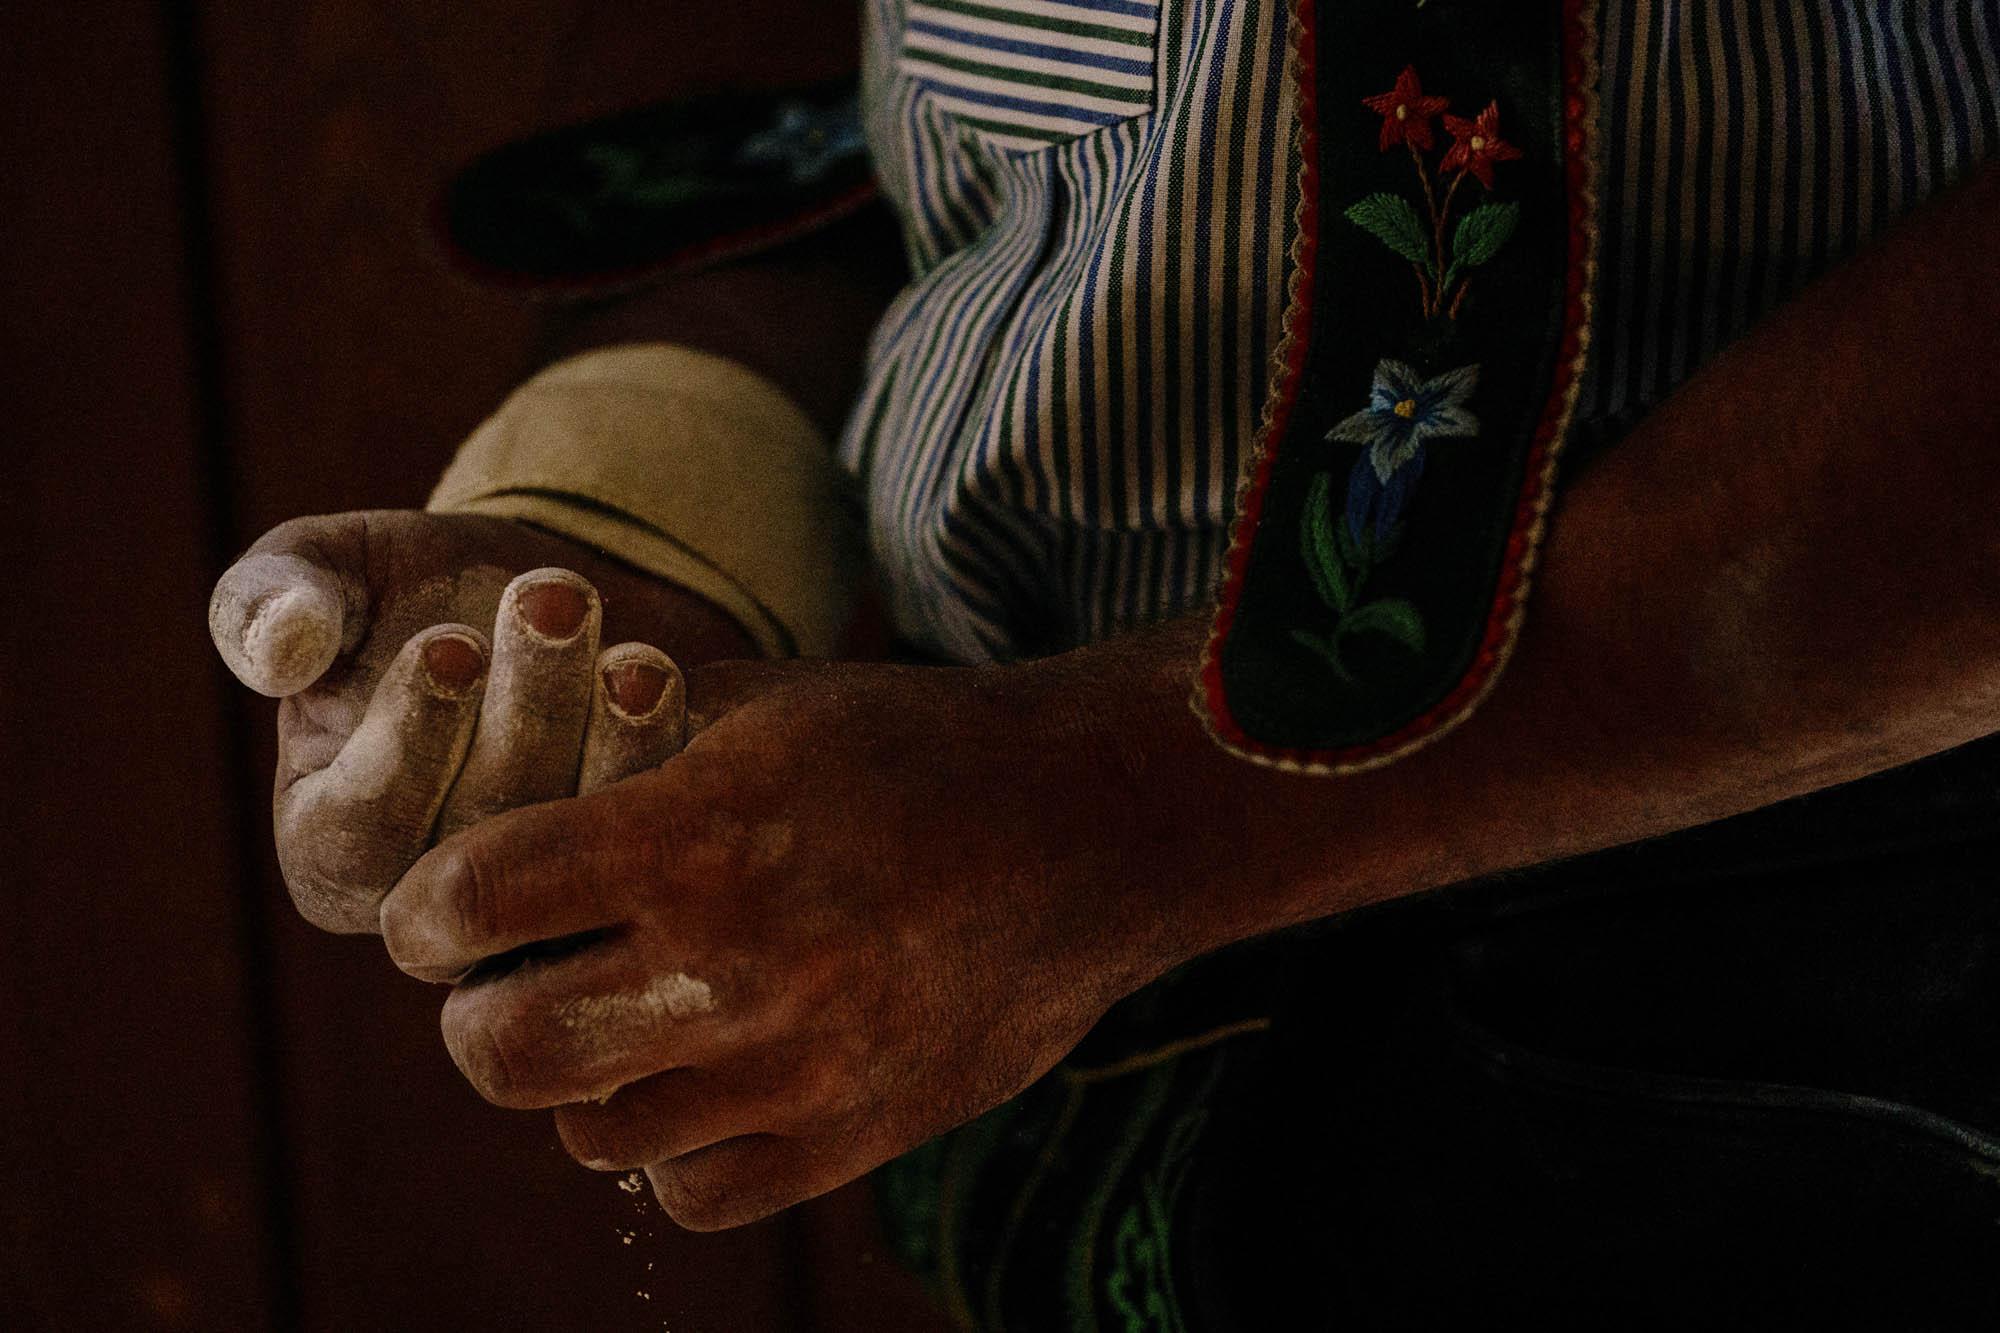 Mit Kreide eingeriebene kräftige Hände eines Fingerhaklers